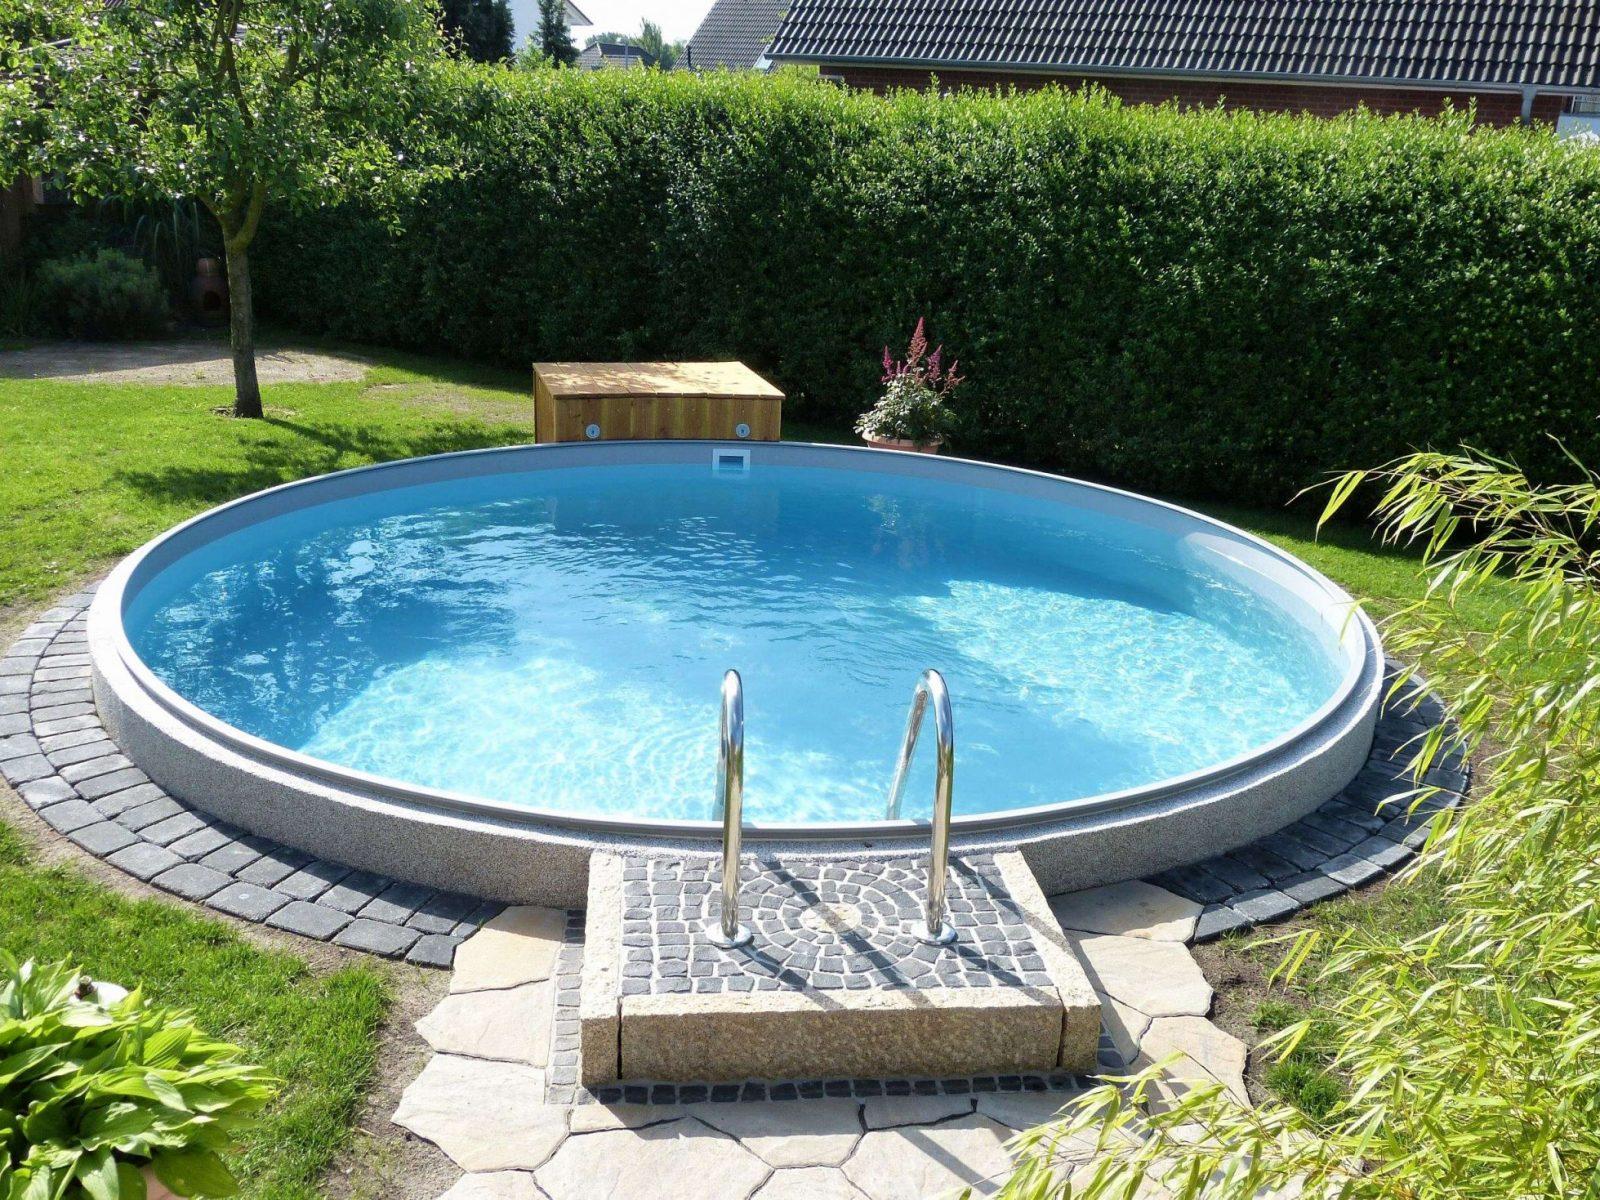 Kleiner Garten Mit Pool Gestalten Reizend Kleiner Garten Mit Pool von Garten Gestalten Mit Pool Bild